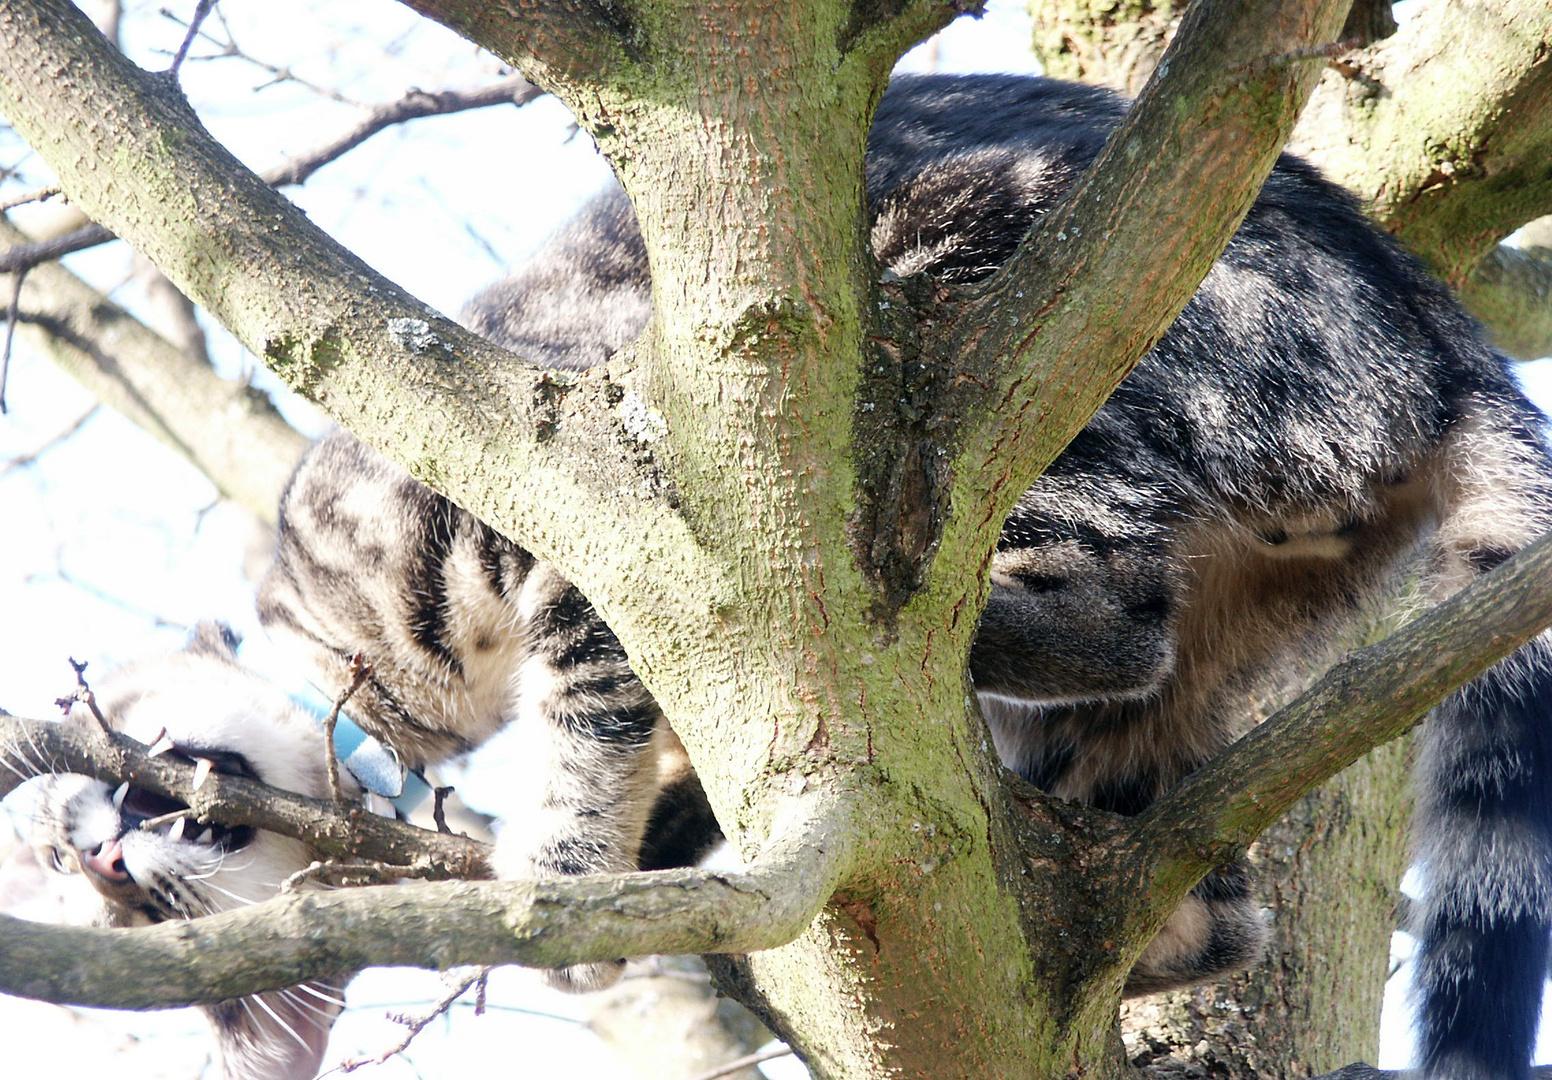 Auf dem Baume die Zähne wetzen.